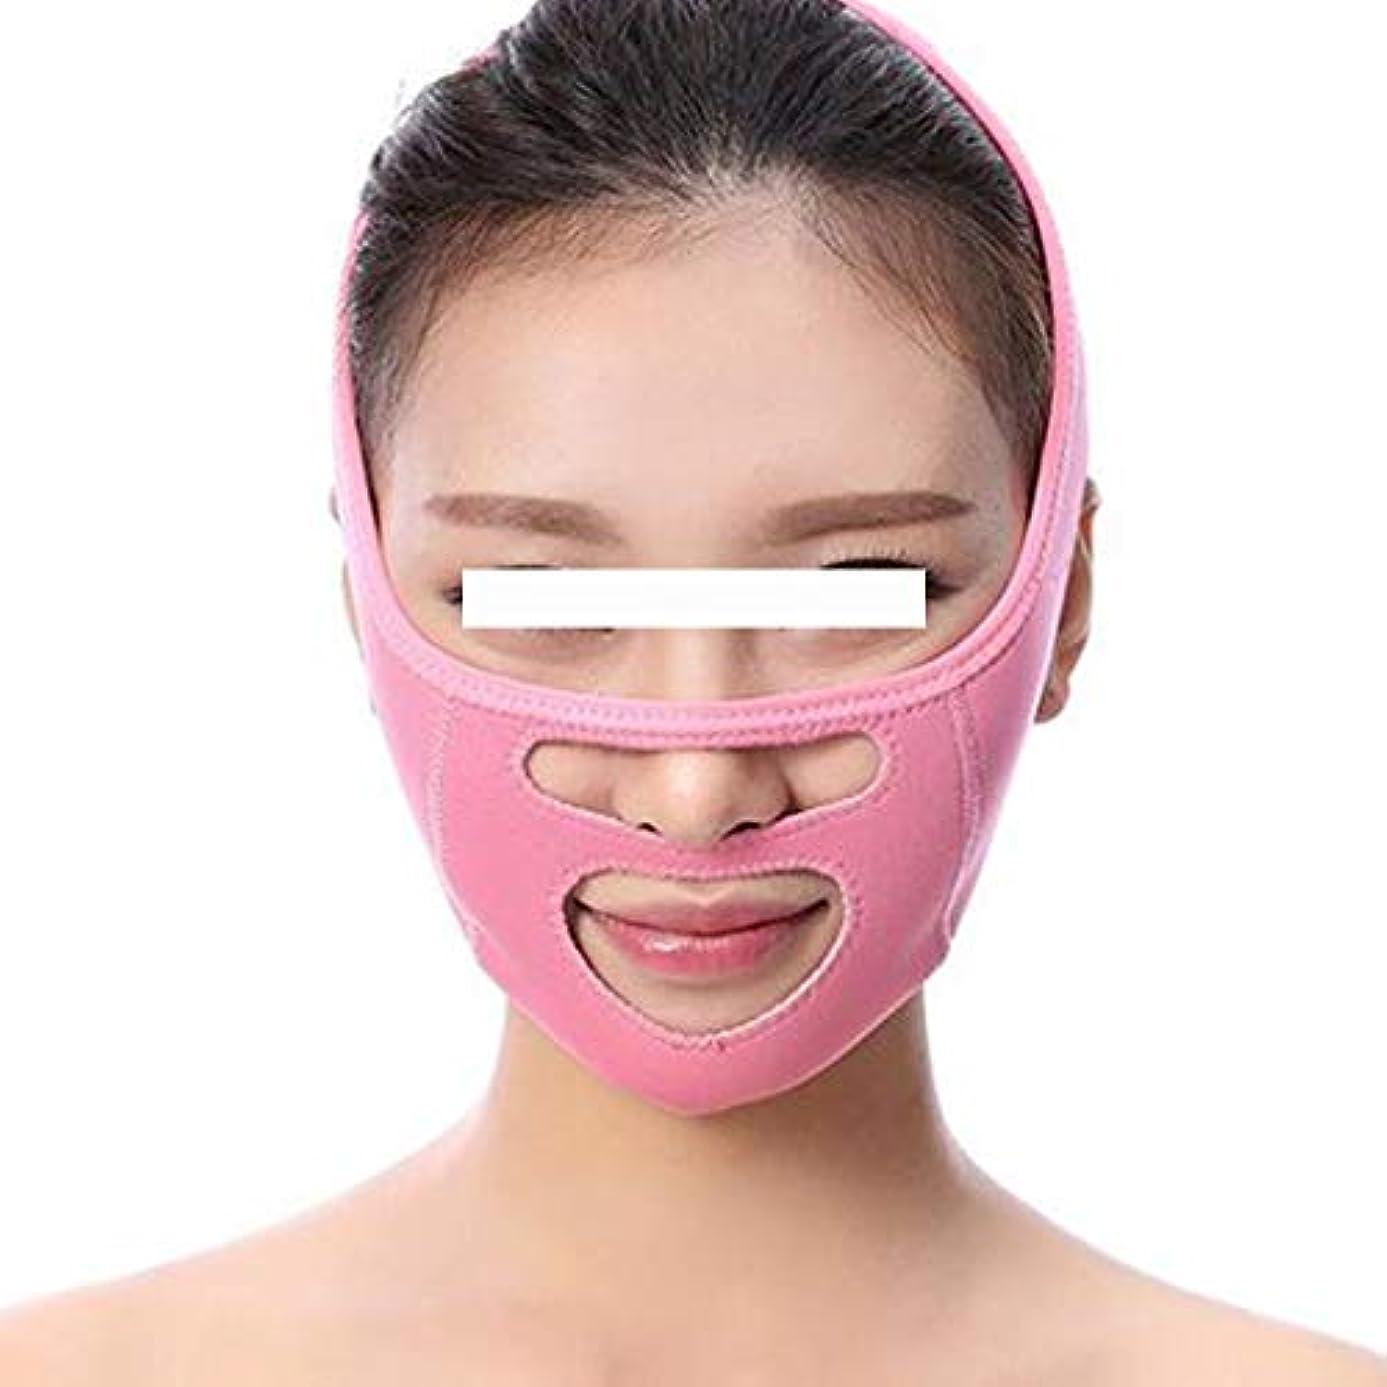 アナロジーサイトラインモッキンバード人気のVフェイスマスク - 睡眠小顔美容フェイス包帯 - Decreeダブルチンvフェイスに移動